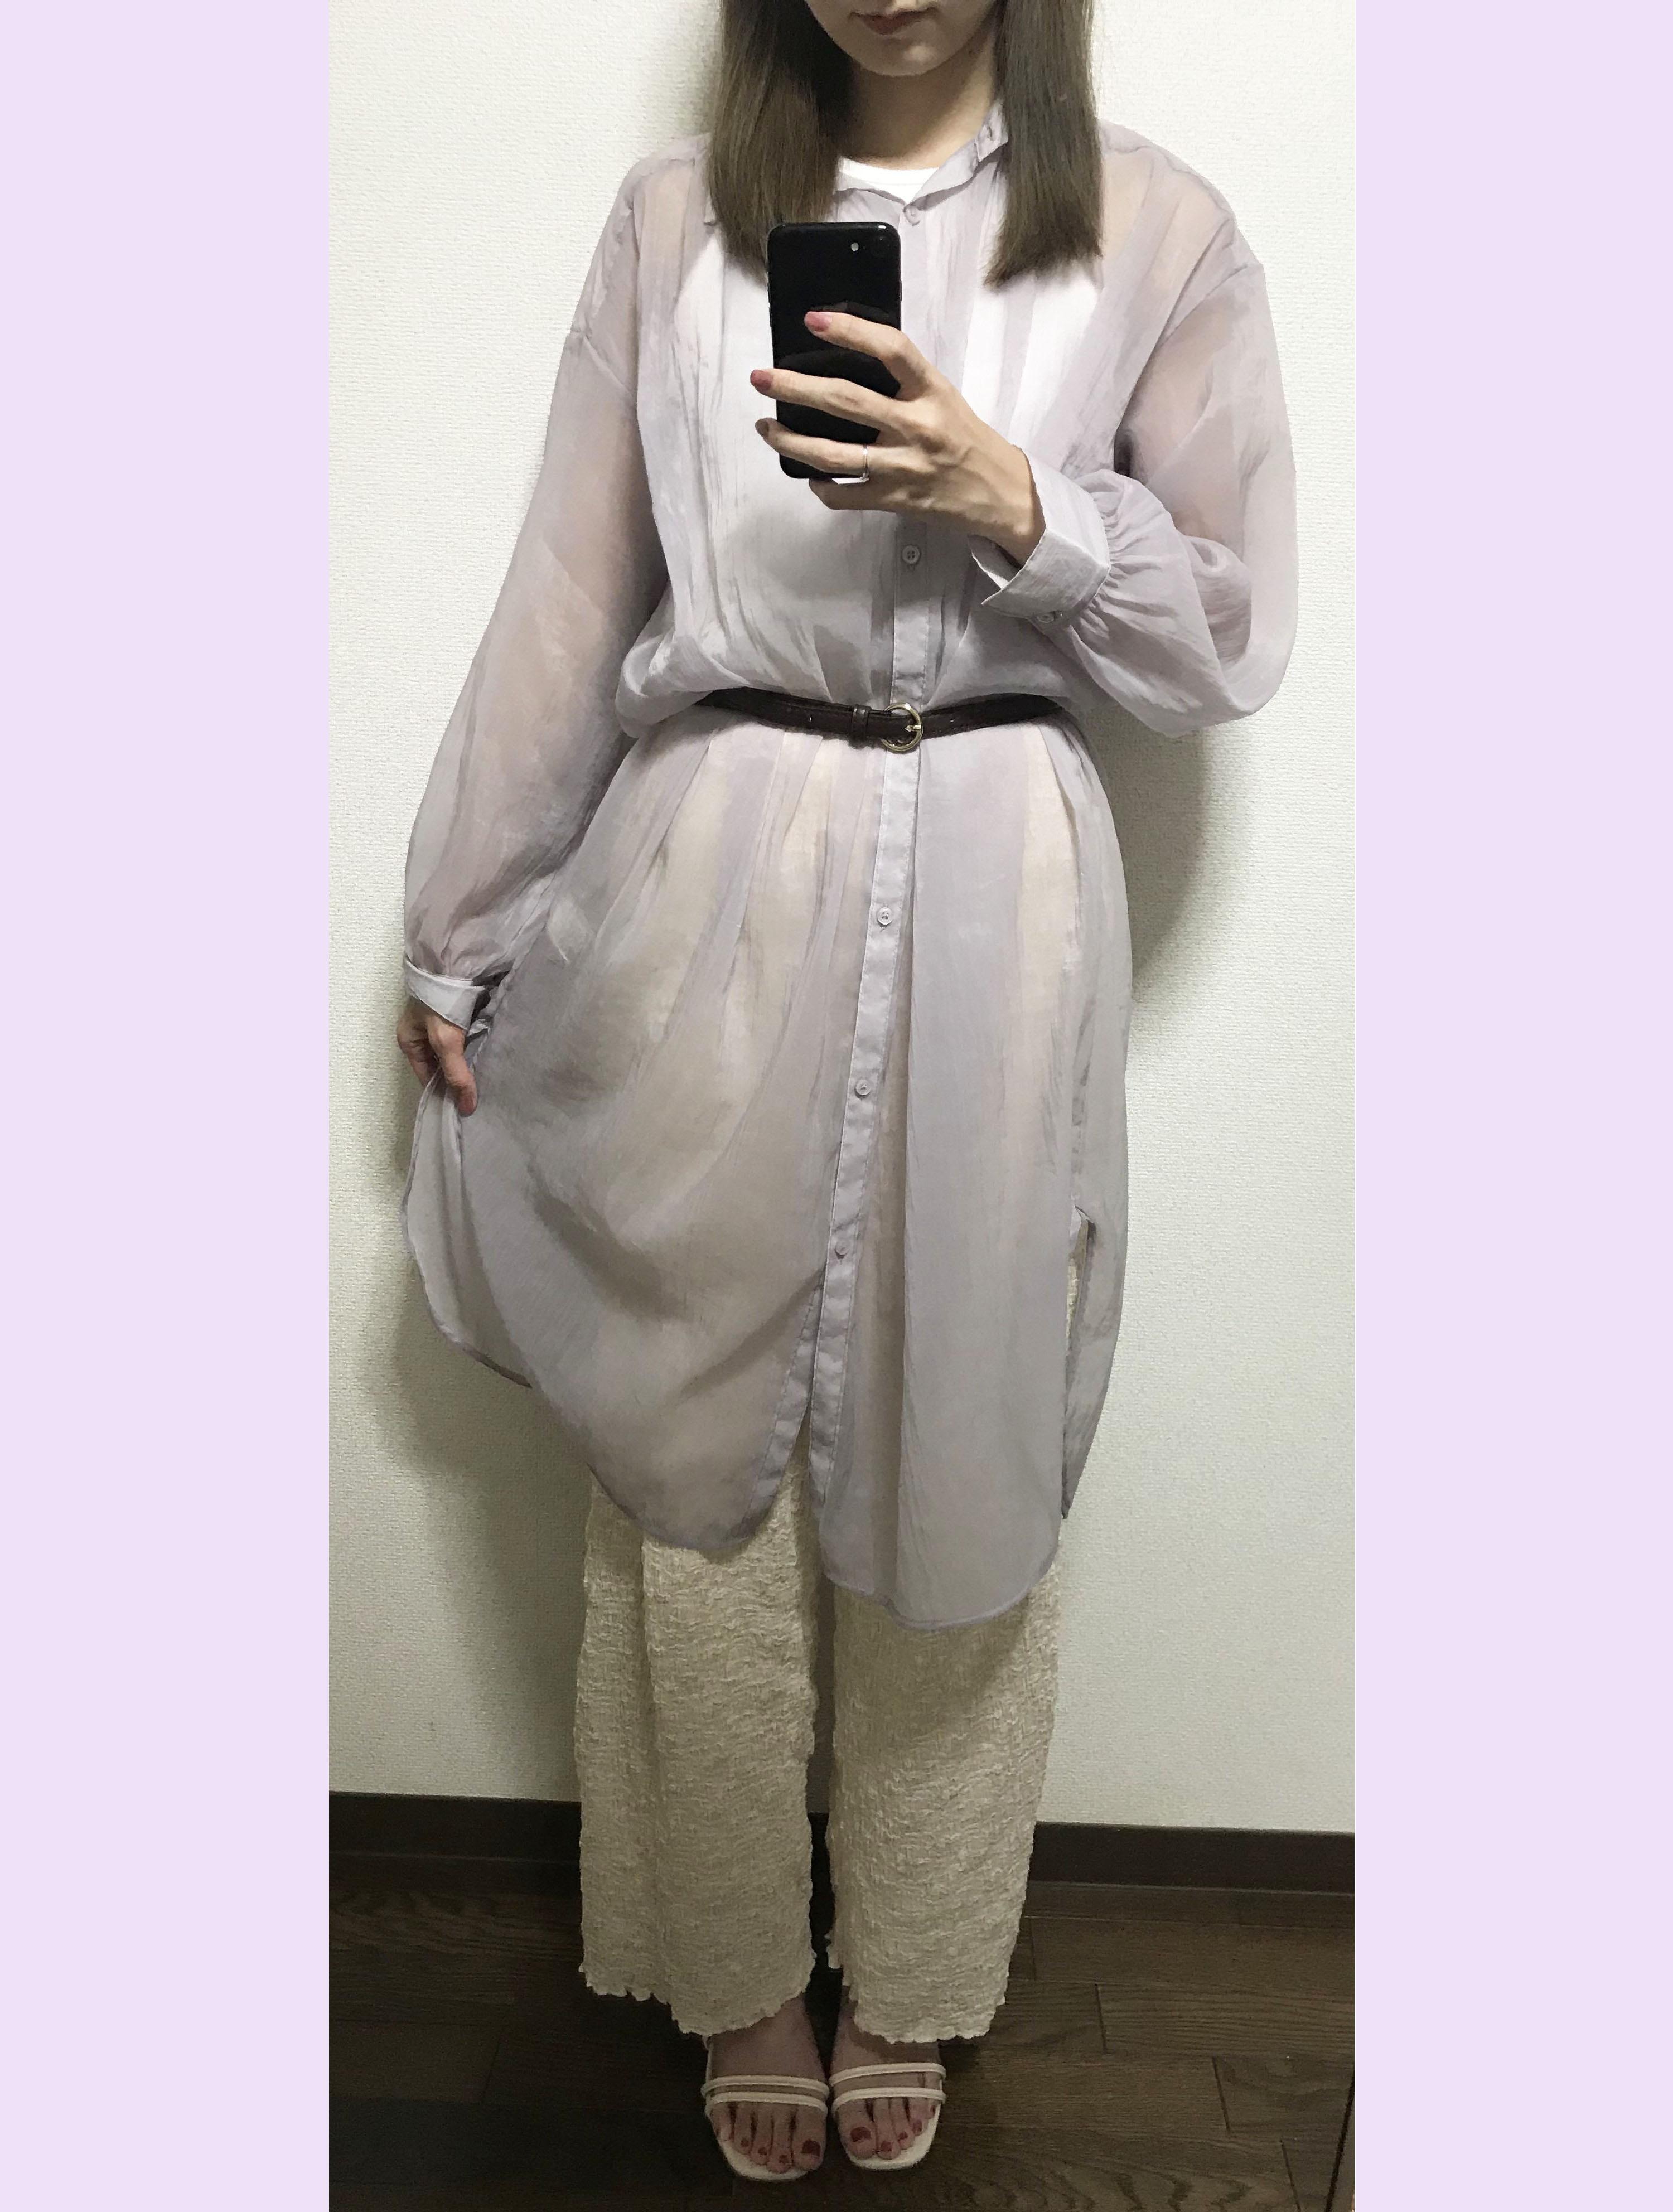 乾ひかり(「52ヘルツのクジラたち」をイメージした服を着用)01